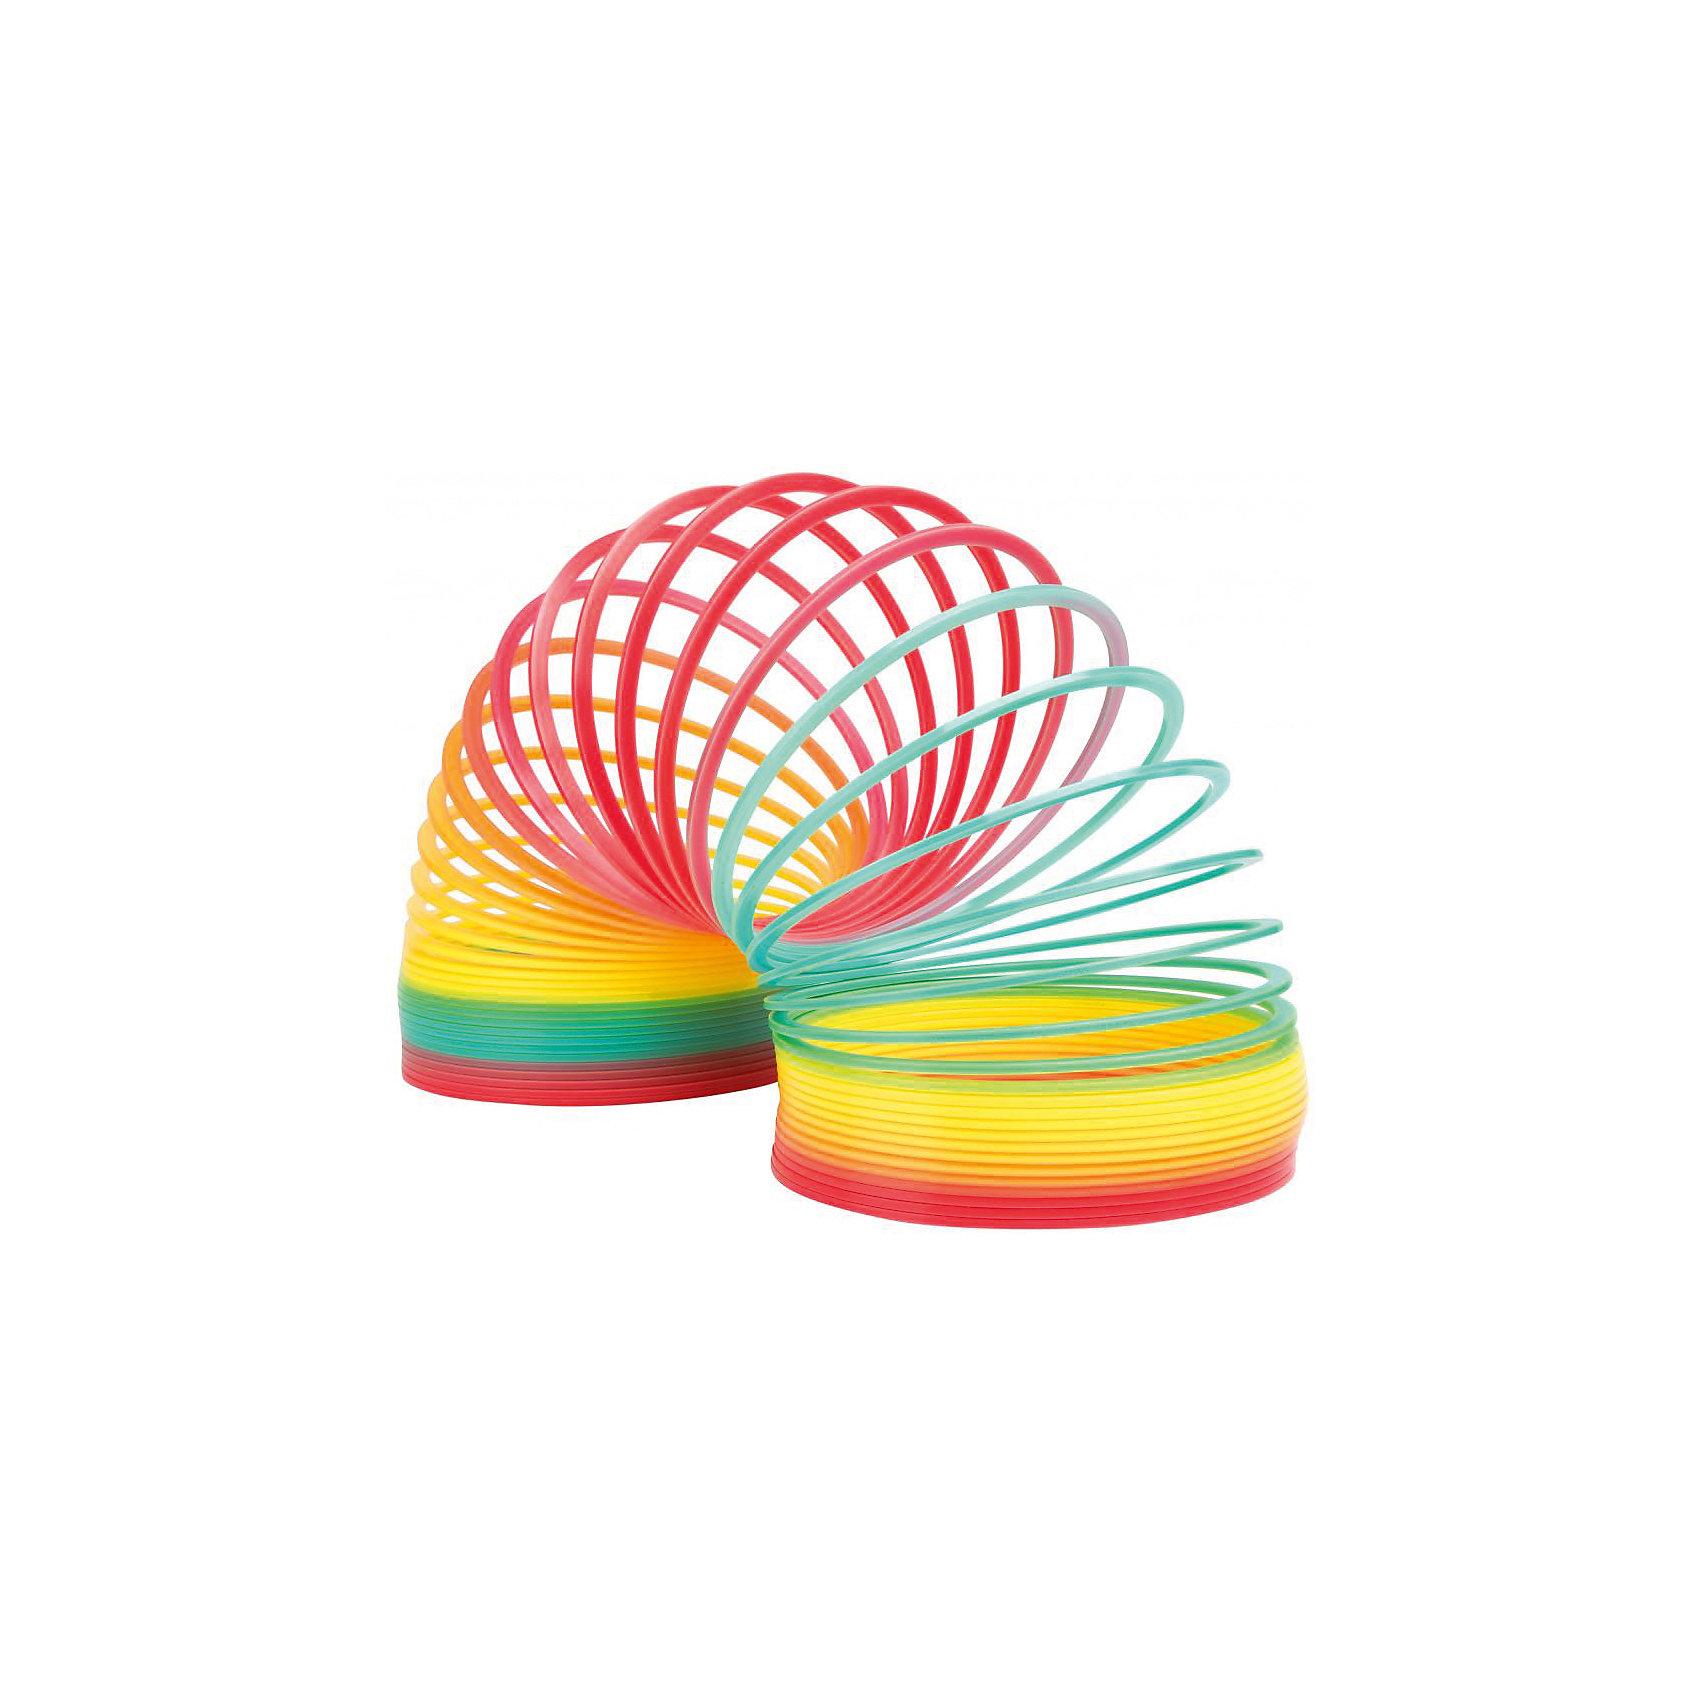 Пружинка  Радуга Гигант, SlinkyРазвивающие игрушки<br>Характеристики:<br><br>• возраст: от 3 лет;<br>• цвет: разноцветная;<br>• сложность игры: 1/5;<br>• материал: пластик;<br>• количество игроков: 1;<br>• время игры: 10 мин.;<br>• диаметр пружинки: 13 см;<br>• вес упаковки:  445 г.;<br>• тип упаковки: картонное кольцо;<br>• размер упаковки: 13х13х14 см.<br>  <br>Самая большая пластиковая пружинка из выпускаемых компанией Slinky в диаметре составляет 13 см.<br><br>Специальный плоский профиль витков обеспечивает плавный и мягкий эффект перекатывания исключает возможность случайного запутывания во время игры. Эта пружинка «шагает» по лестнице намного шире, а тянется длиннее. <br><br>Цвета пружинки расположены в правильном порядке радуги, которые красиво переливаются во время движения. <br><br>Пружинку Радуга «Гигант», Slinky можно приобрести в нашем интернет-магазине<br><br>Ширина мм: 130<br>Глубина мм: 130<br>Высота мм: 130<br>Вес г: 450<br>Возраст от месяцев: 60<br>Возраст до месяцев: 2147483647<br>Пол: Унисекс<br>Возраст: Детский<br>SKU: 7029001